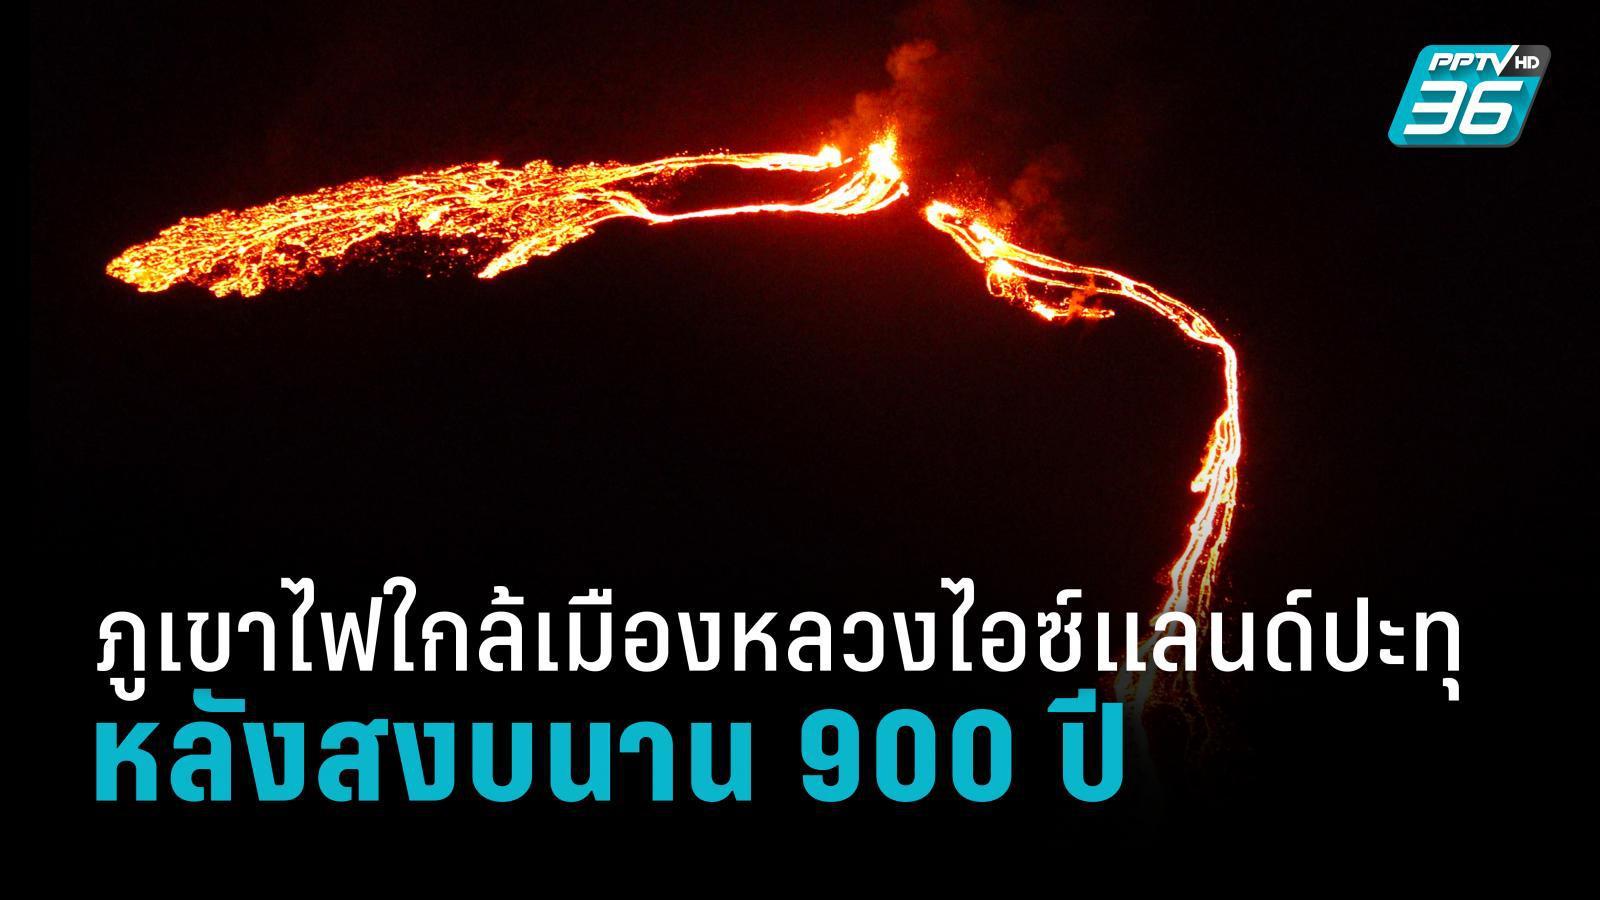 ภูเขาไฟปะทุใกล้เมืองหลวงไอซ์แลนด์ หลังสงบไปนาน 900 ปี